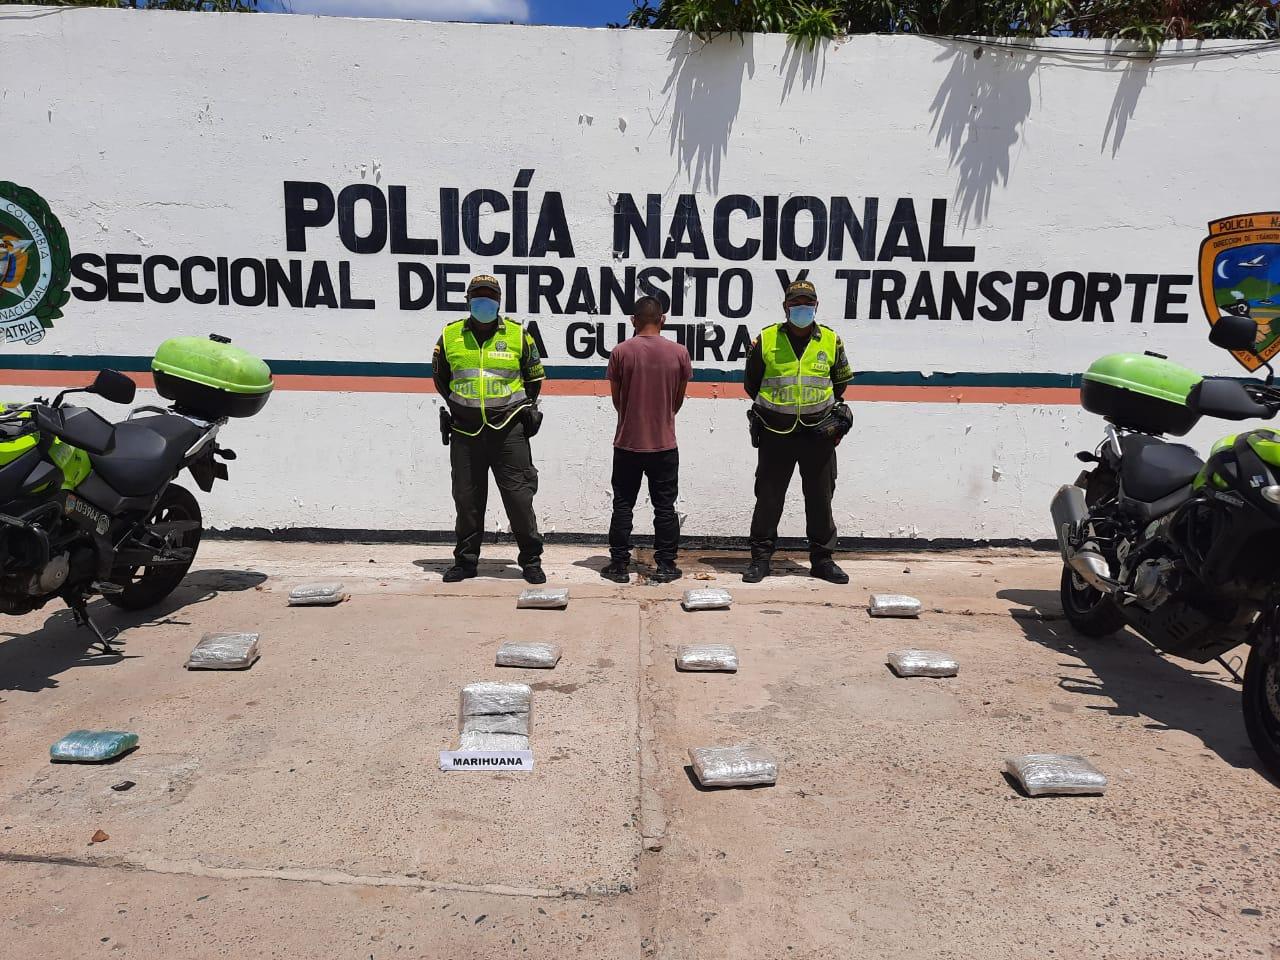 hoyennoticia.com, Traía 13 kilos de marihuana para Riohacha